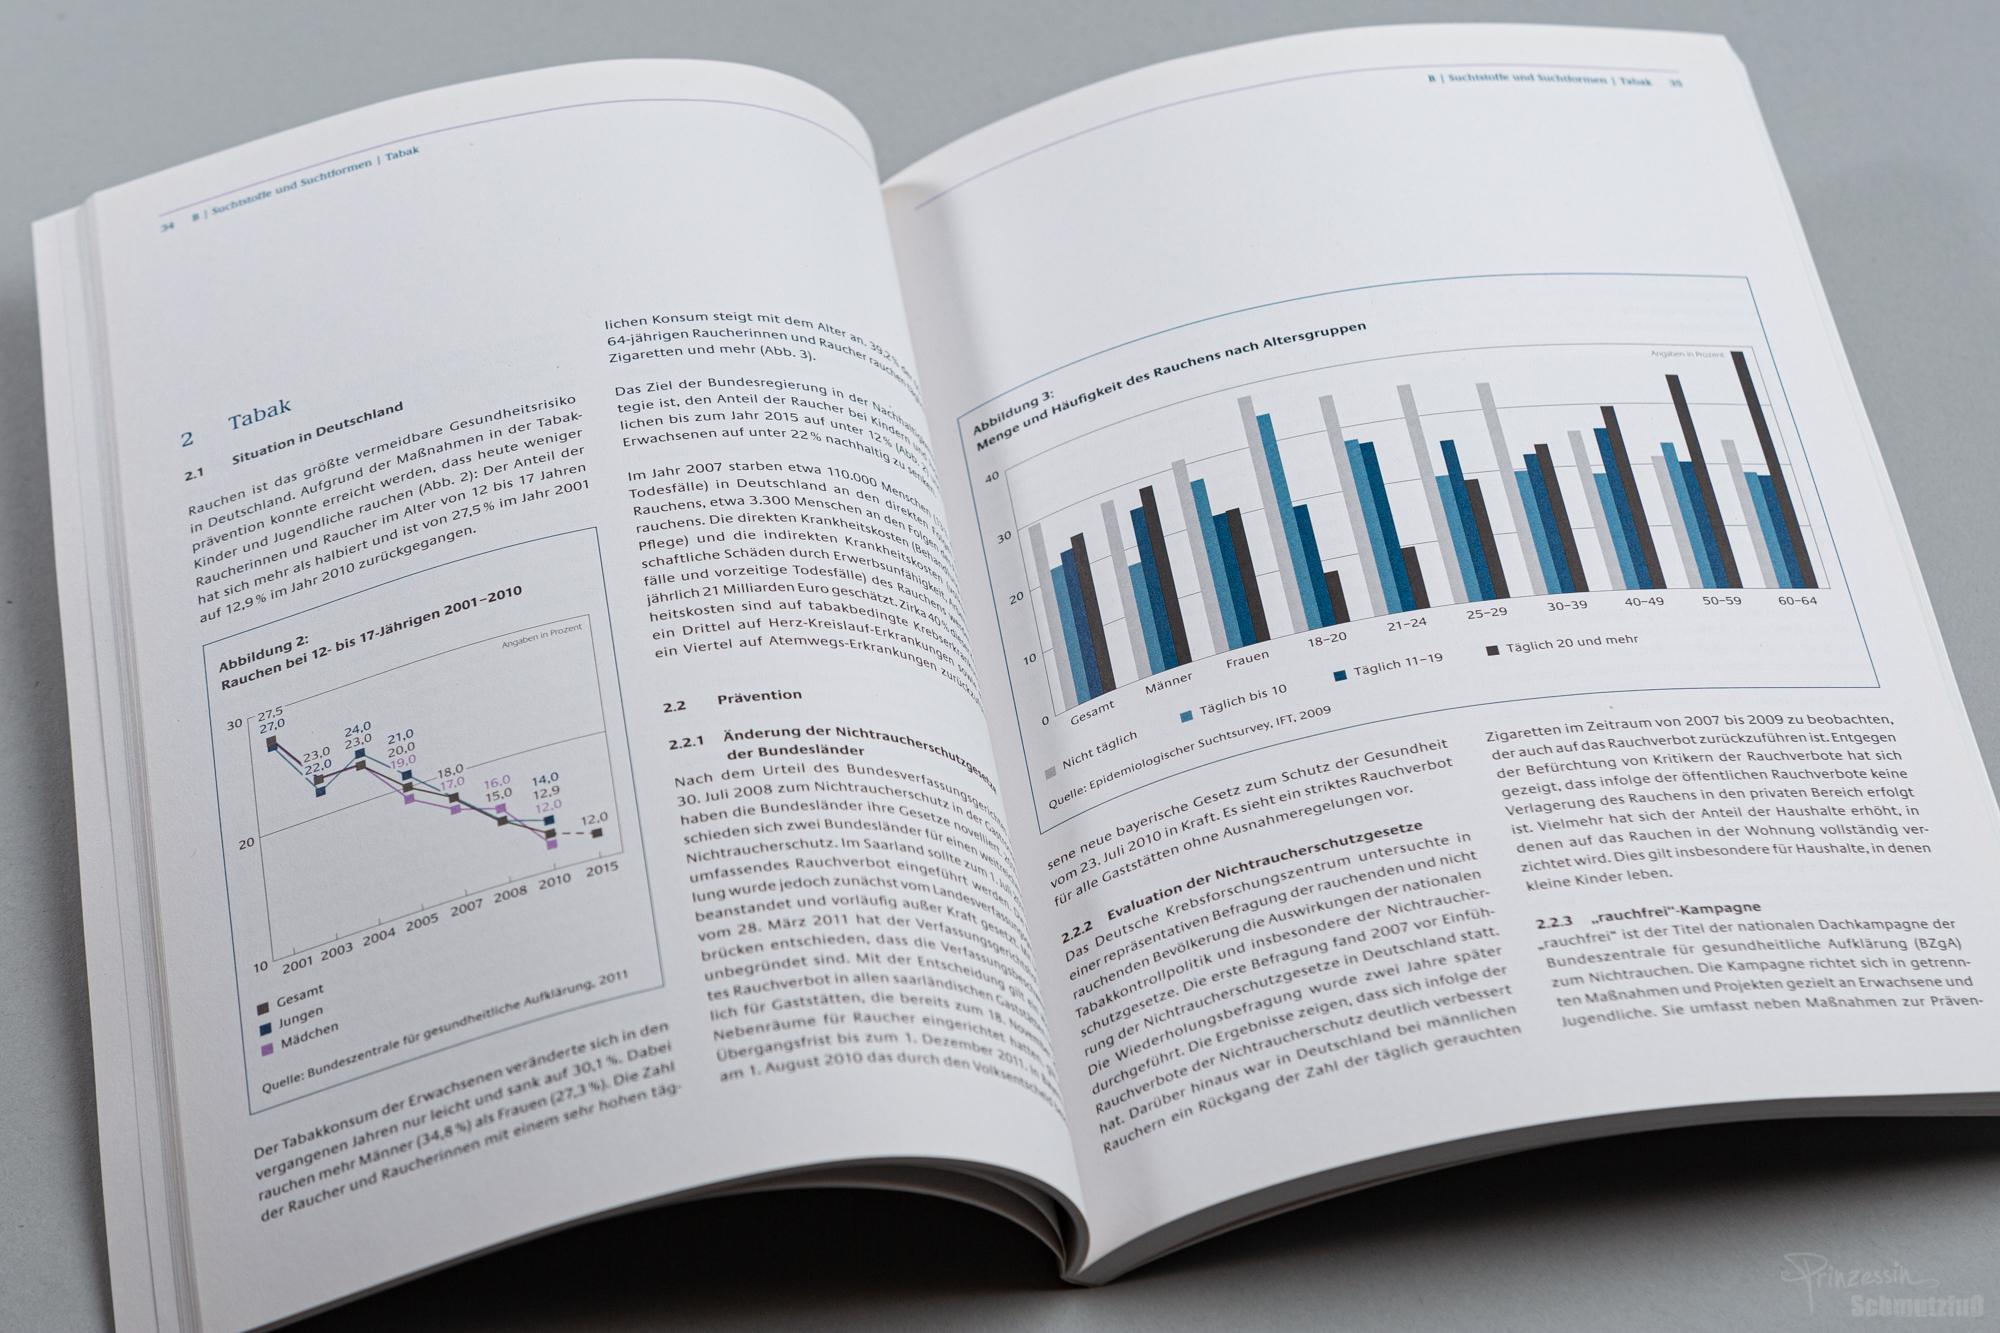 Textsatz und Erstellen von Grafiken nach bestehendem CD | Die Drogenbeauftragte der Bundesregierung | Anstellung bei da vinci design